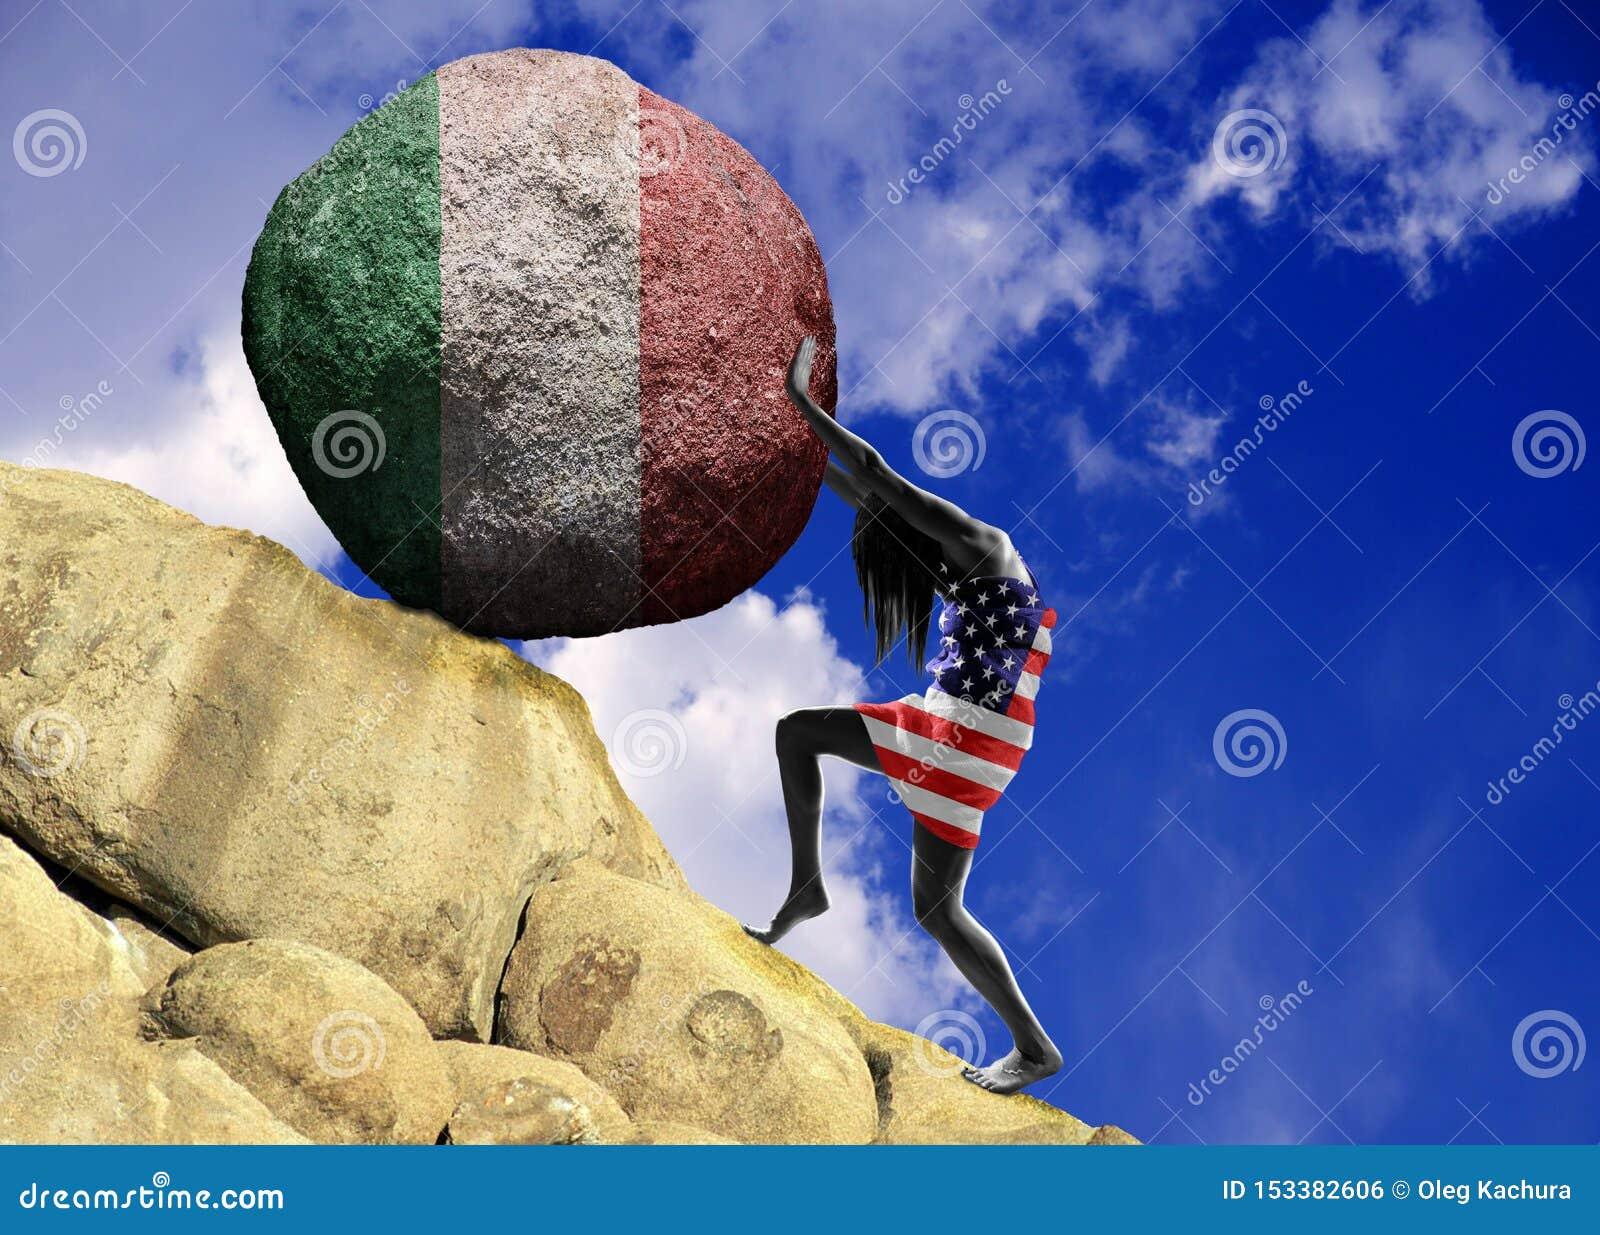 Dziewczyna, zawijająca w fladze Stany Zjednoczone Ameryka, podnosi kamień wierzchołek w postaci sylwetki flaga